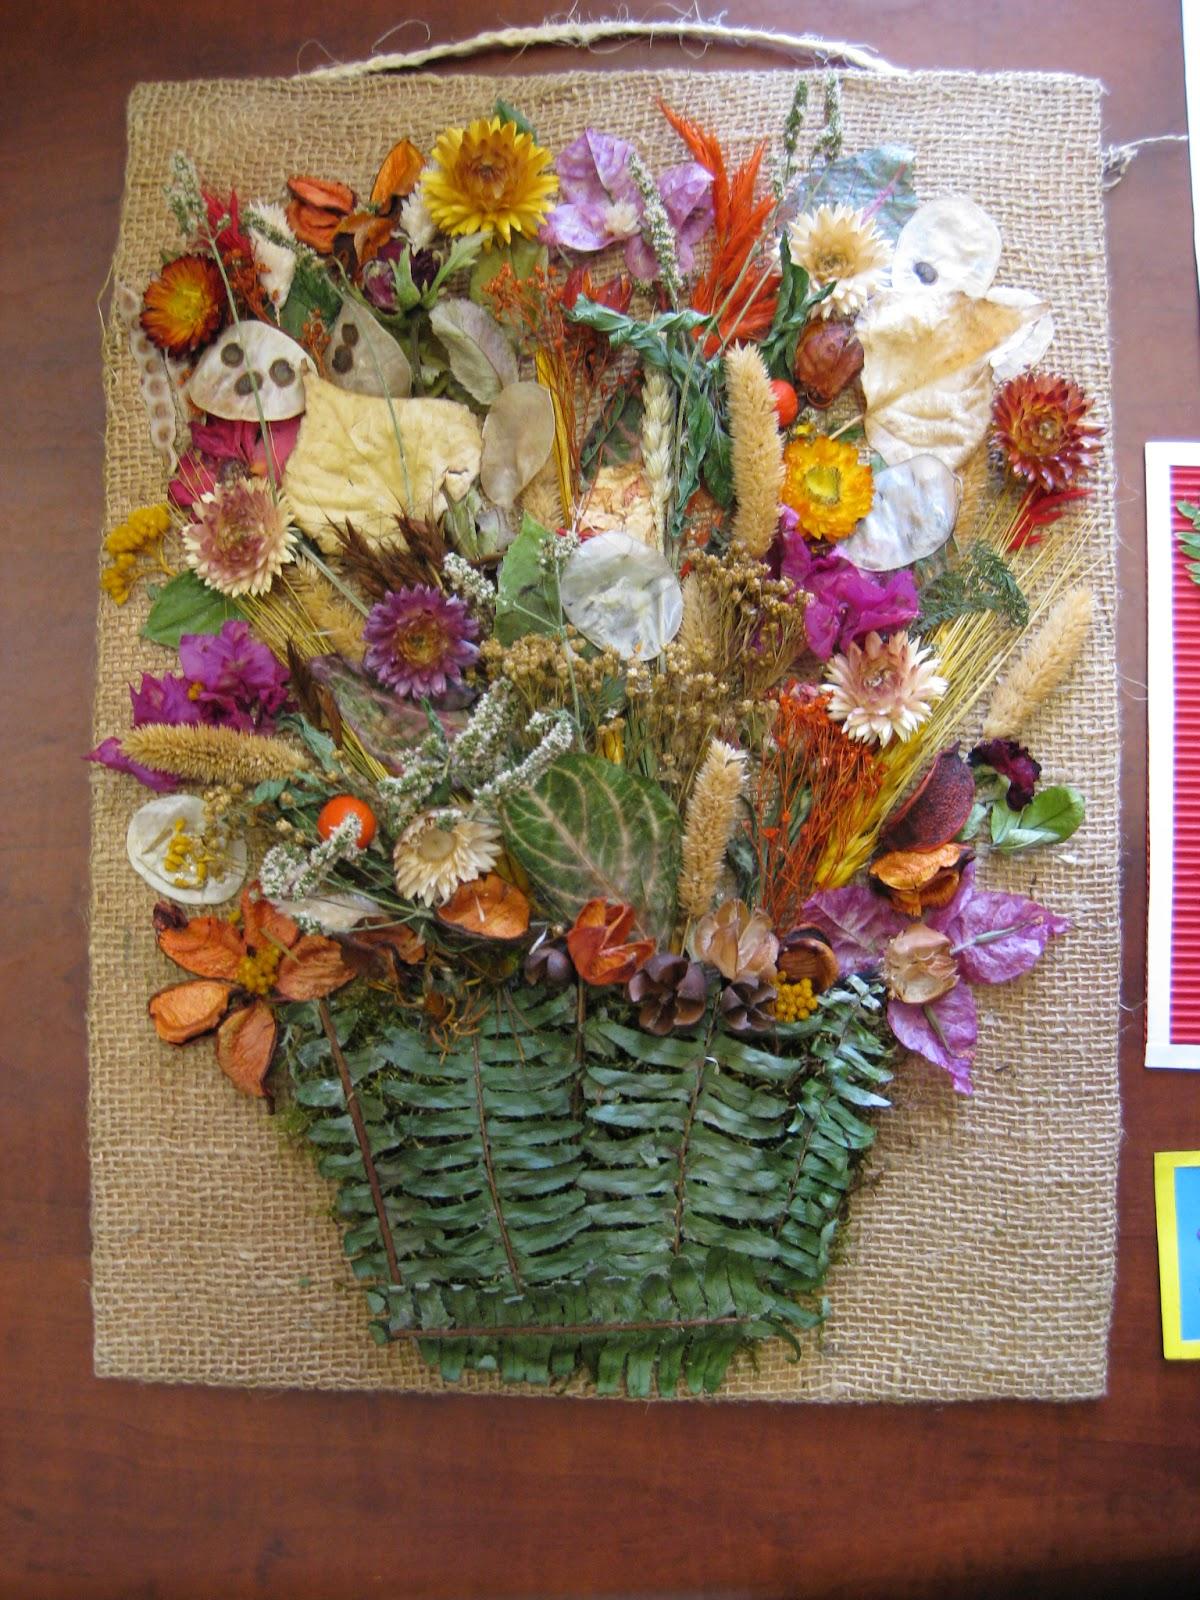 Cuadros con flores La Casa del Bosque - Fotos De Cuadros Hechos Con Flores Secas